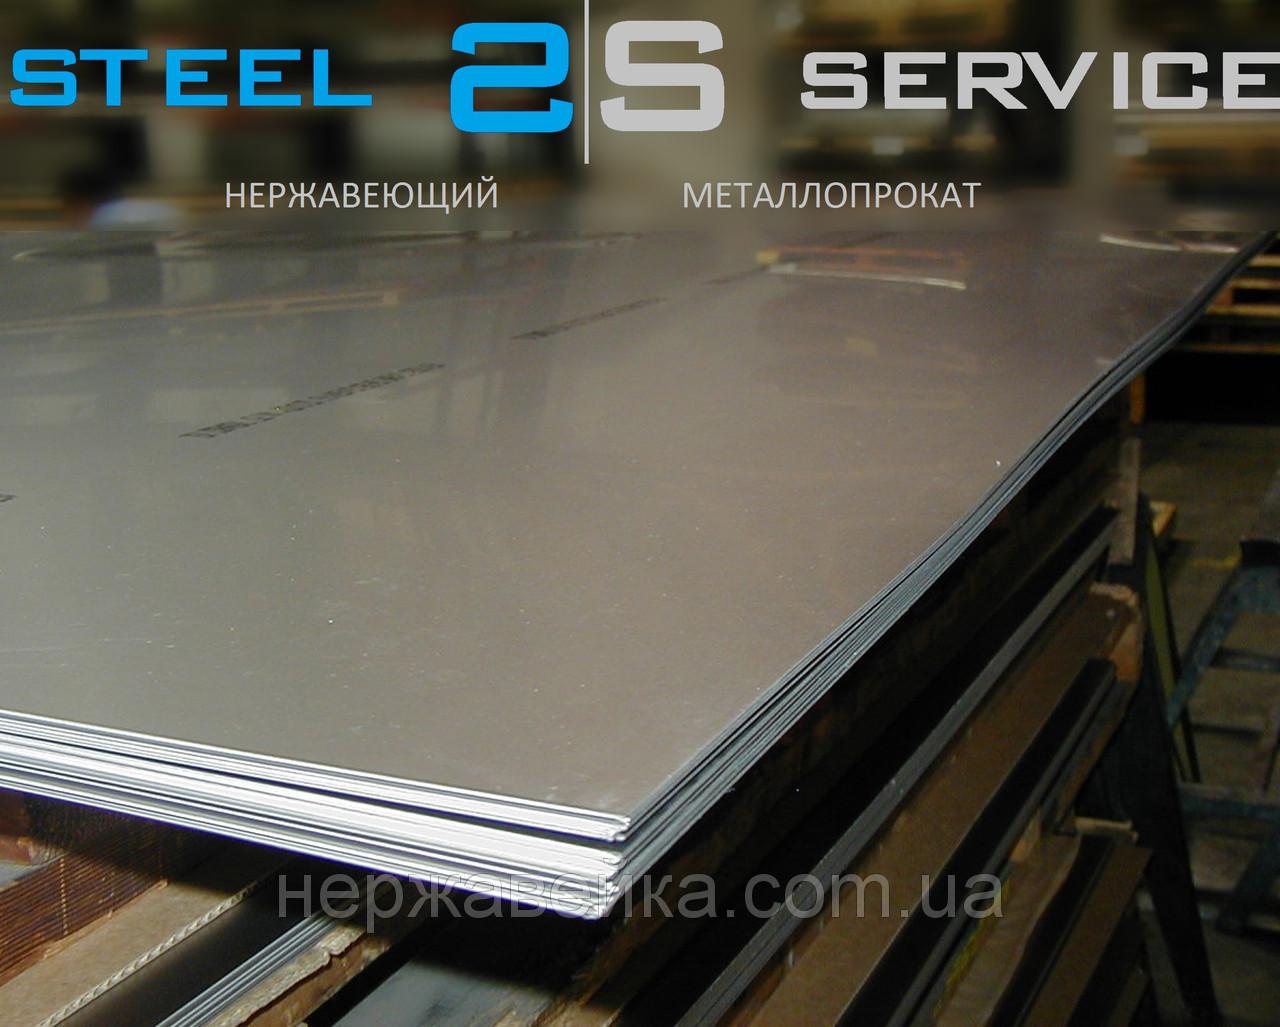 Листовая нержавейка 3х1250х2500мм AiSi 201  (12Х15Г9НД) 2B - матовый